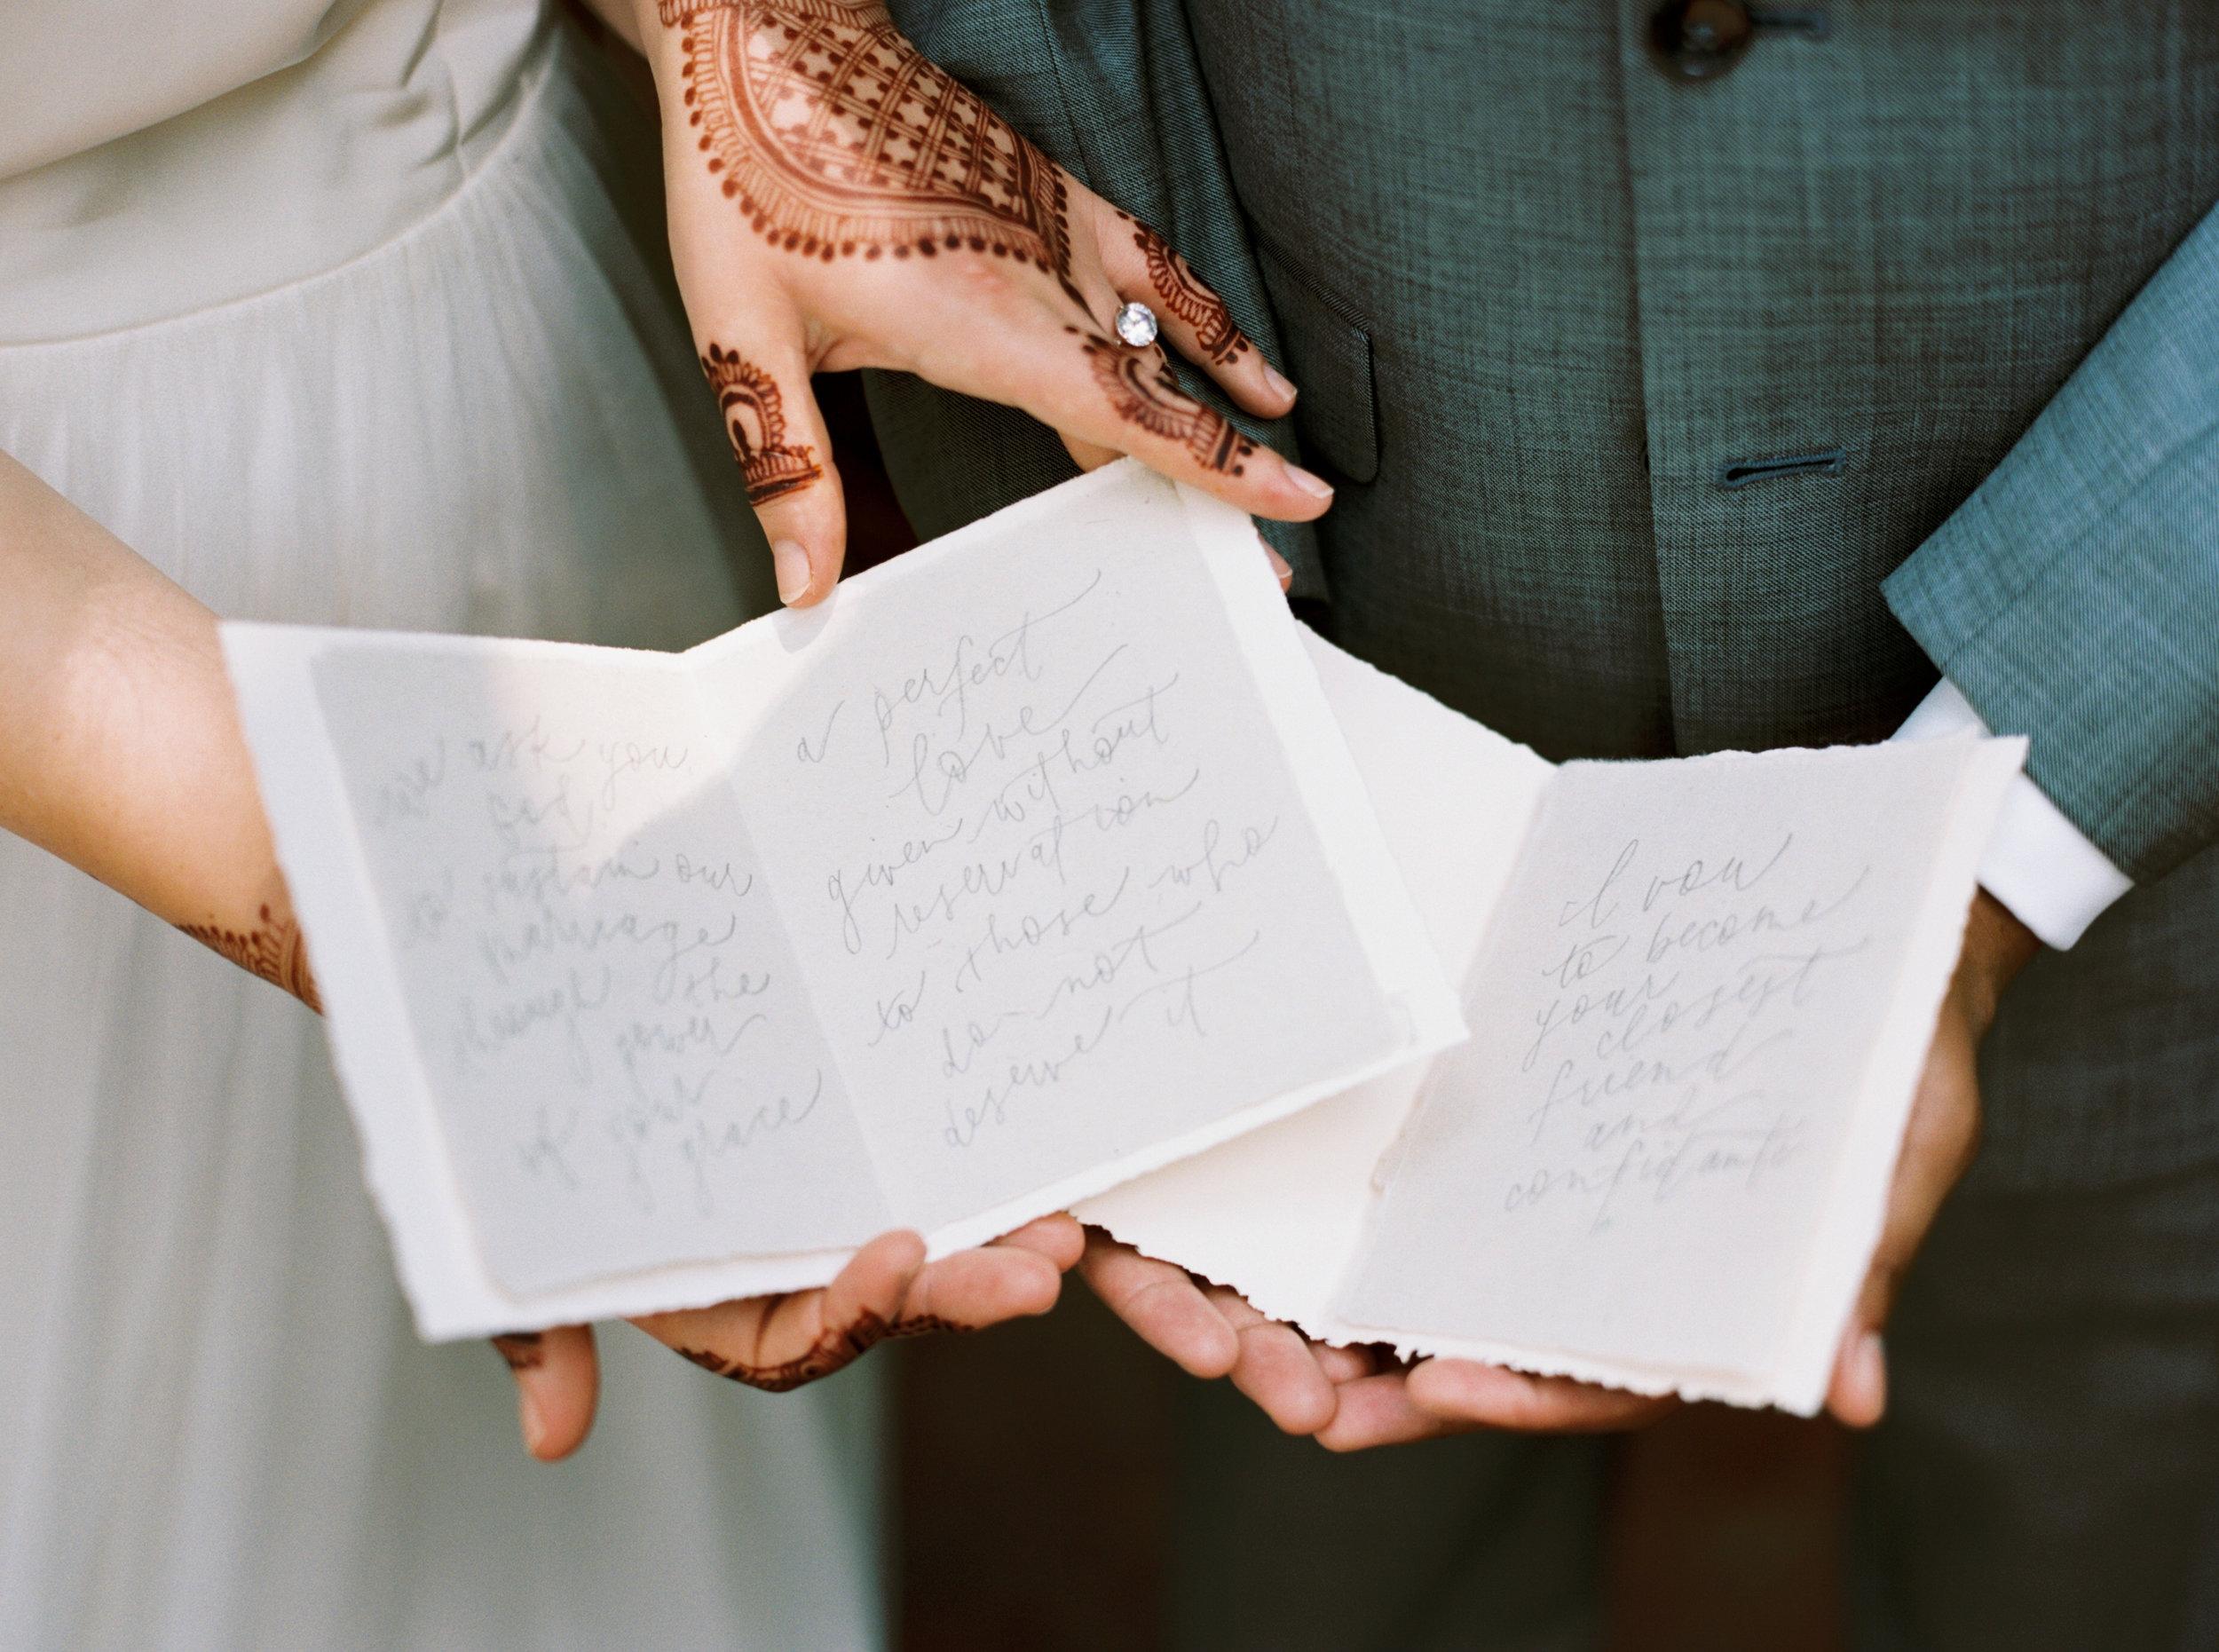 Wahoo_Grill_Atlanta_Indian_Wedding_Abigail_Malone_Photgoraphy_FIlm-86.jpg